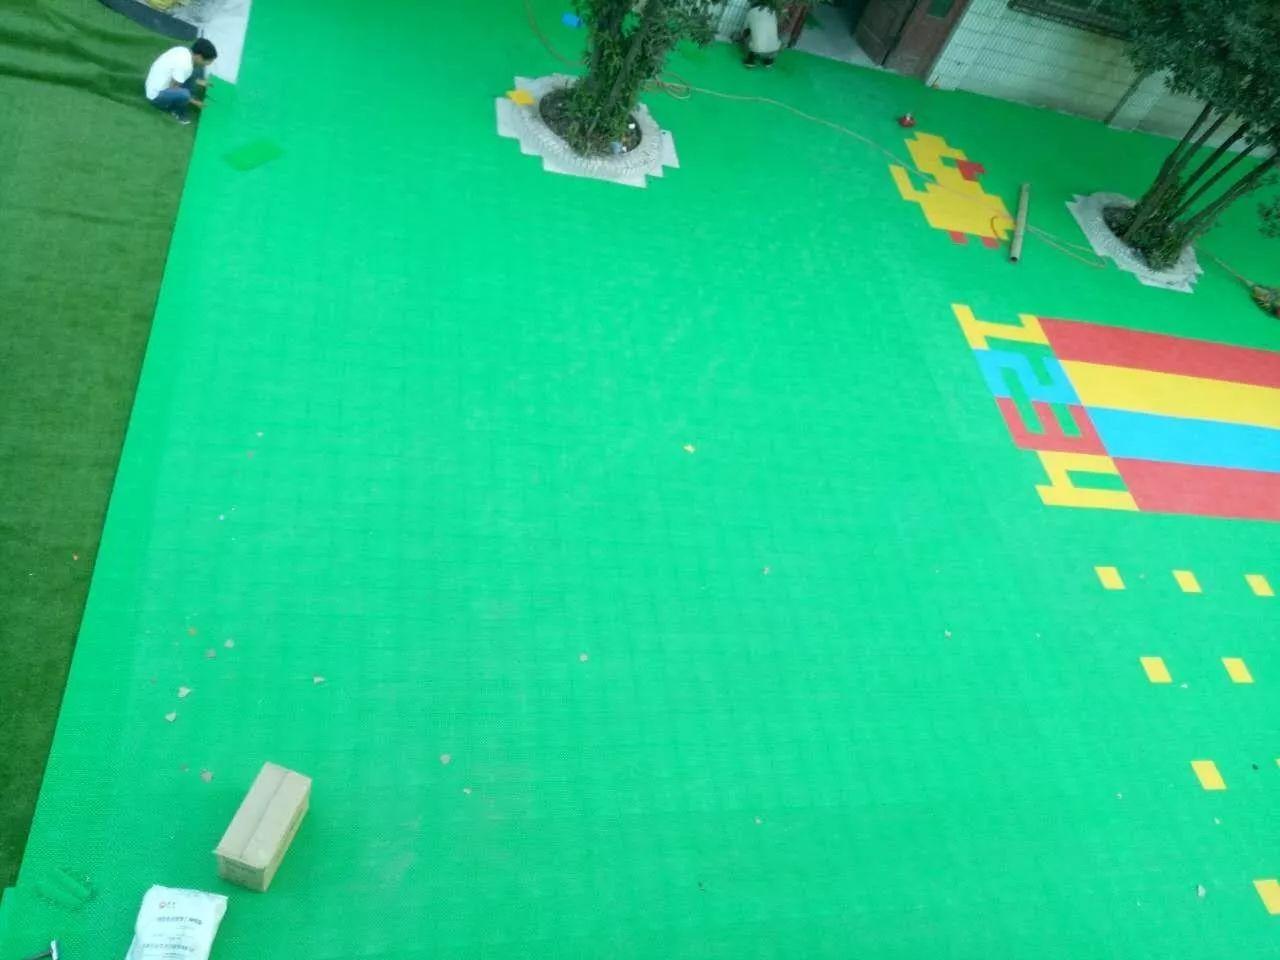 幼儿园悬浮拼装运动地板 环保无味耐磨不褪色 厂家直销